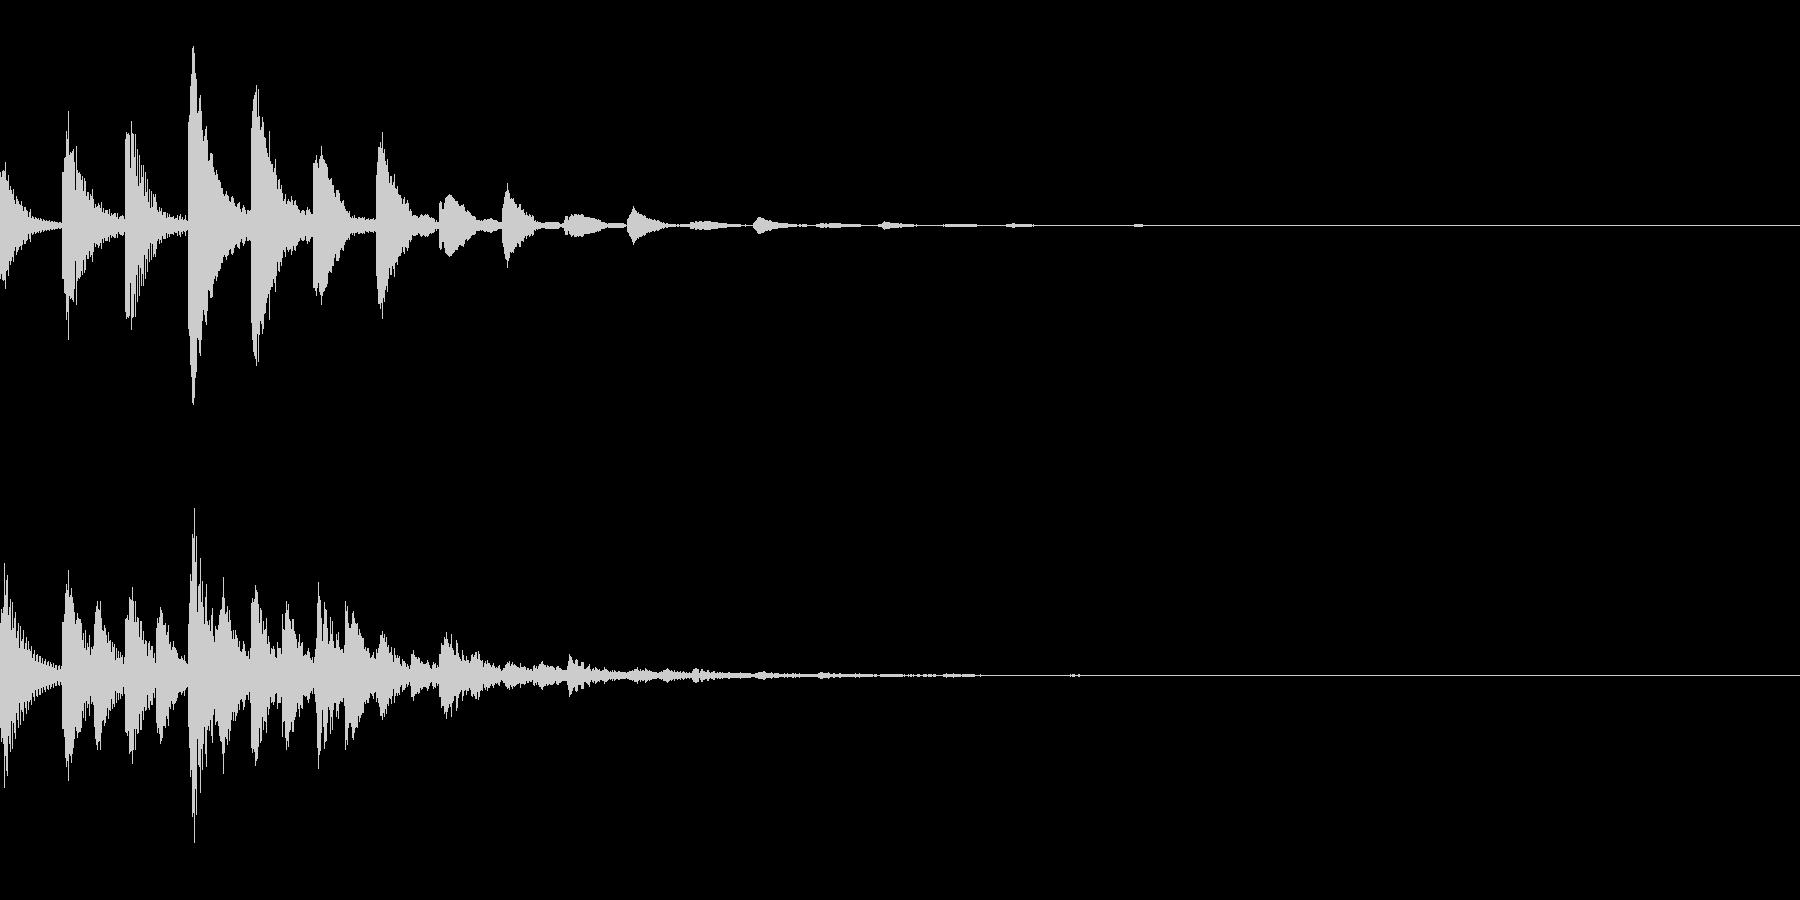 ピポポパ(宇宙/癒し系/綺麗/回復の未再生の波形